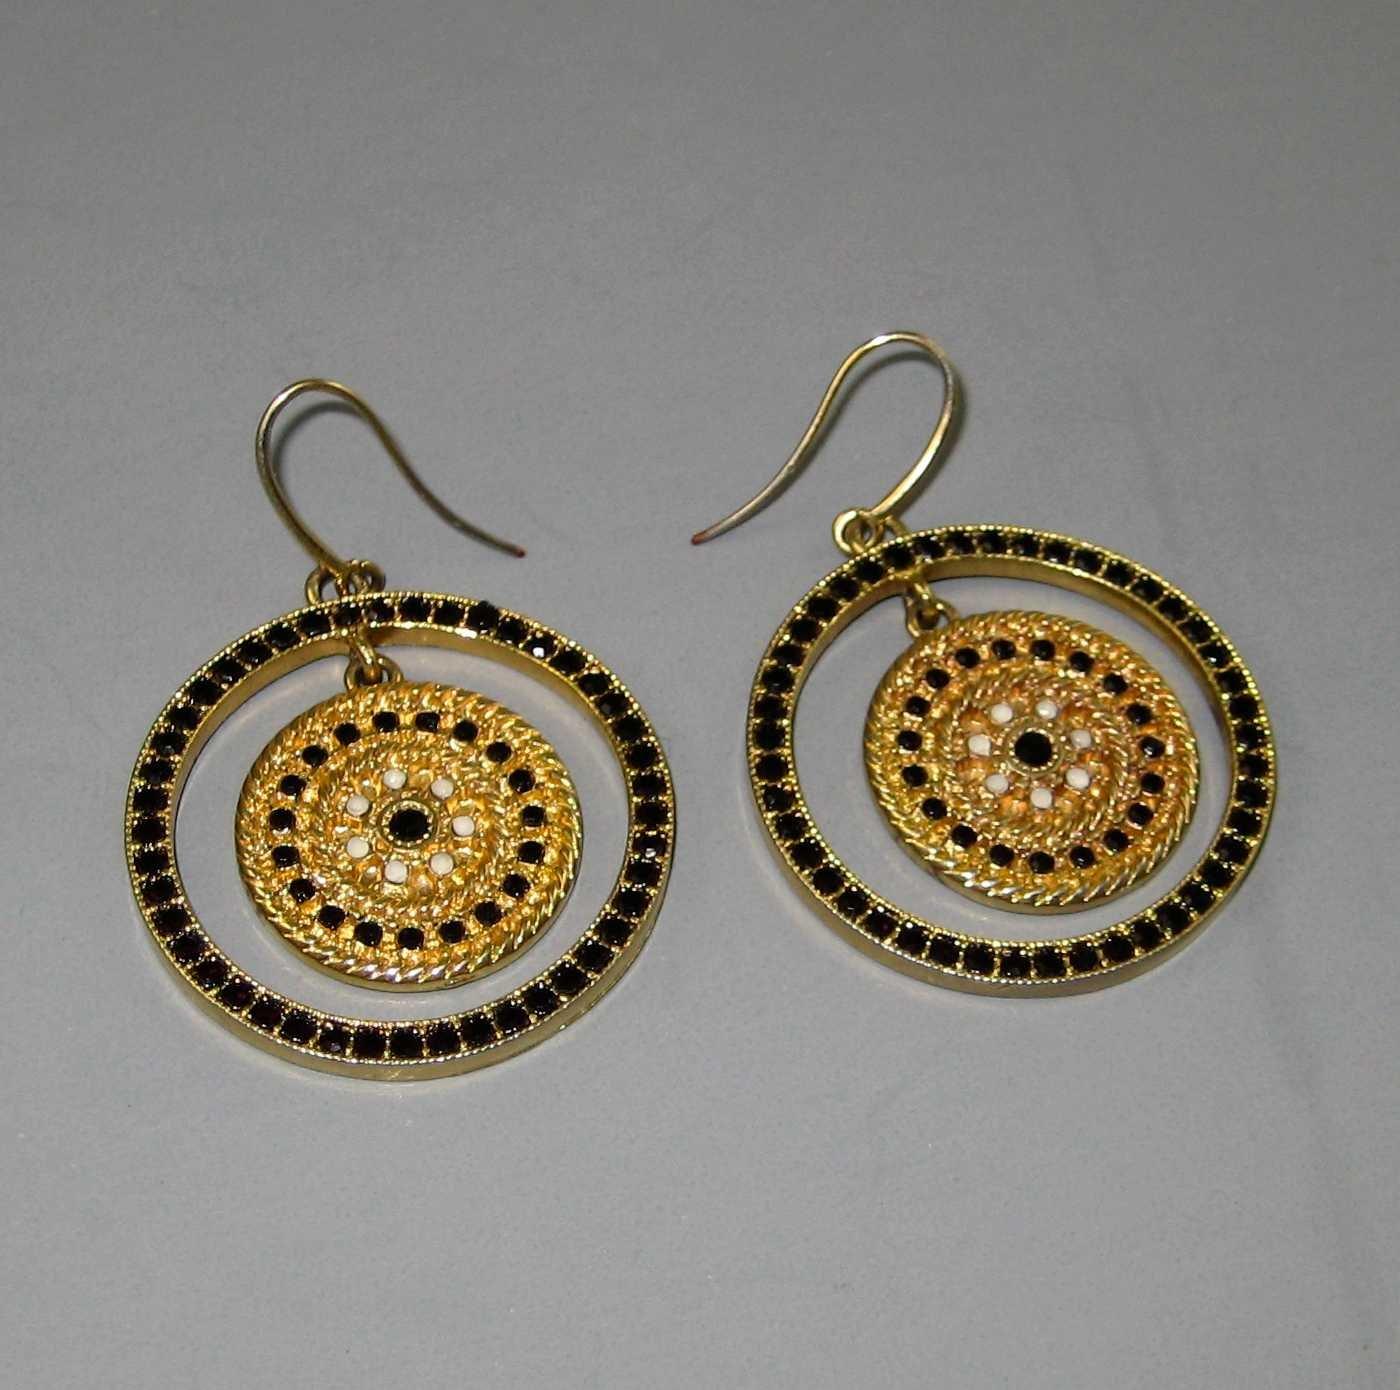 Hoop Earrings Gold Tone with Black Stones